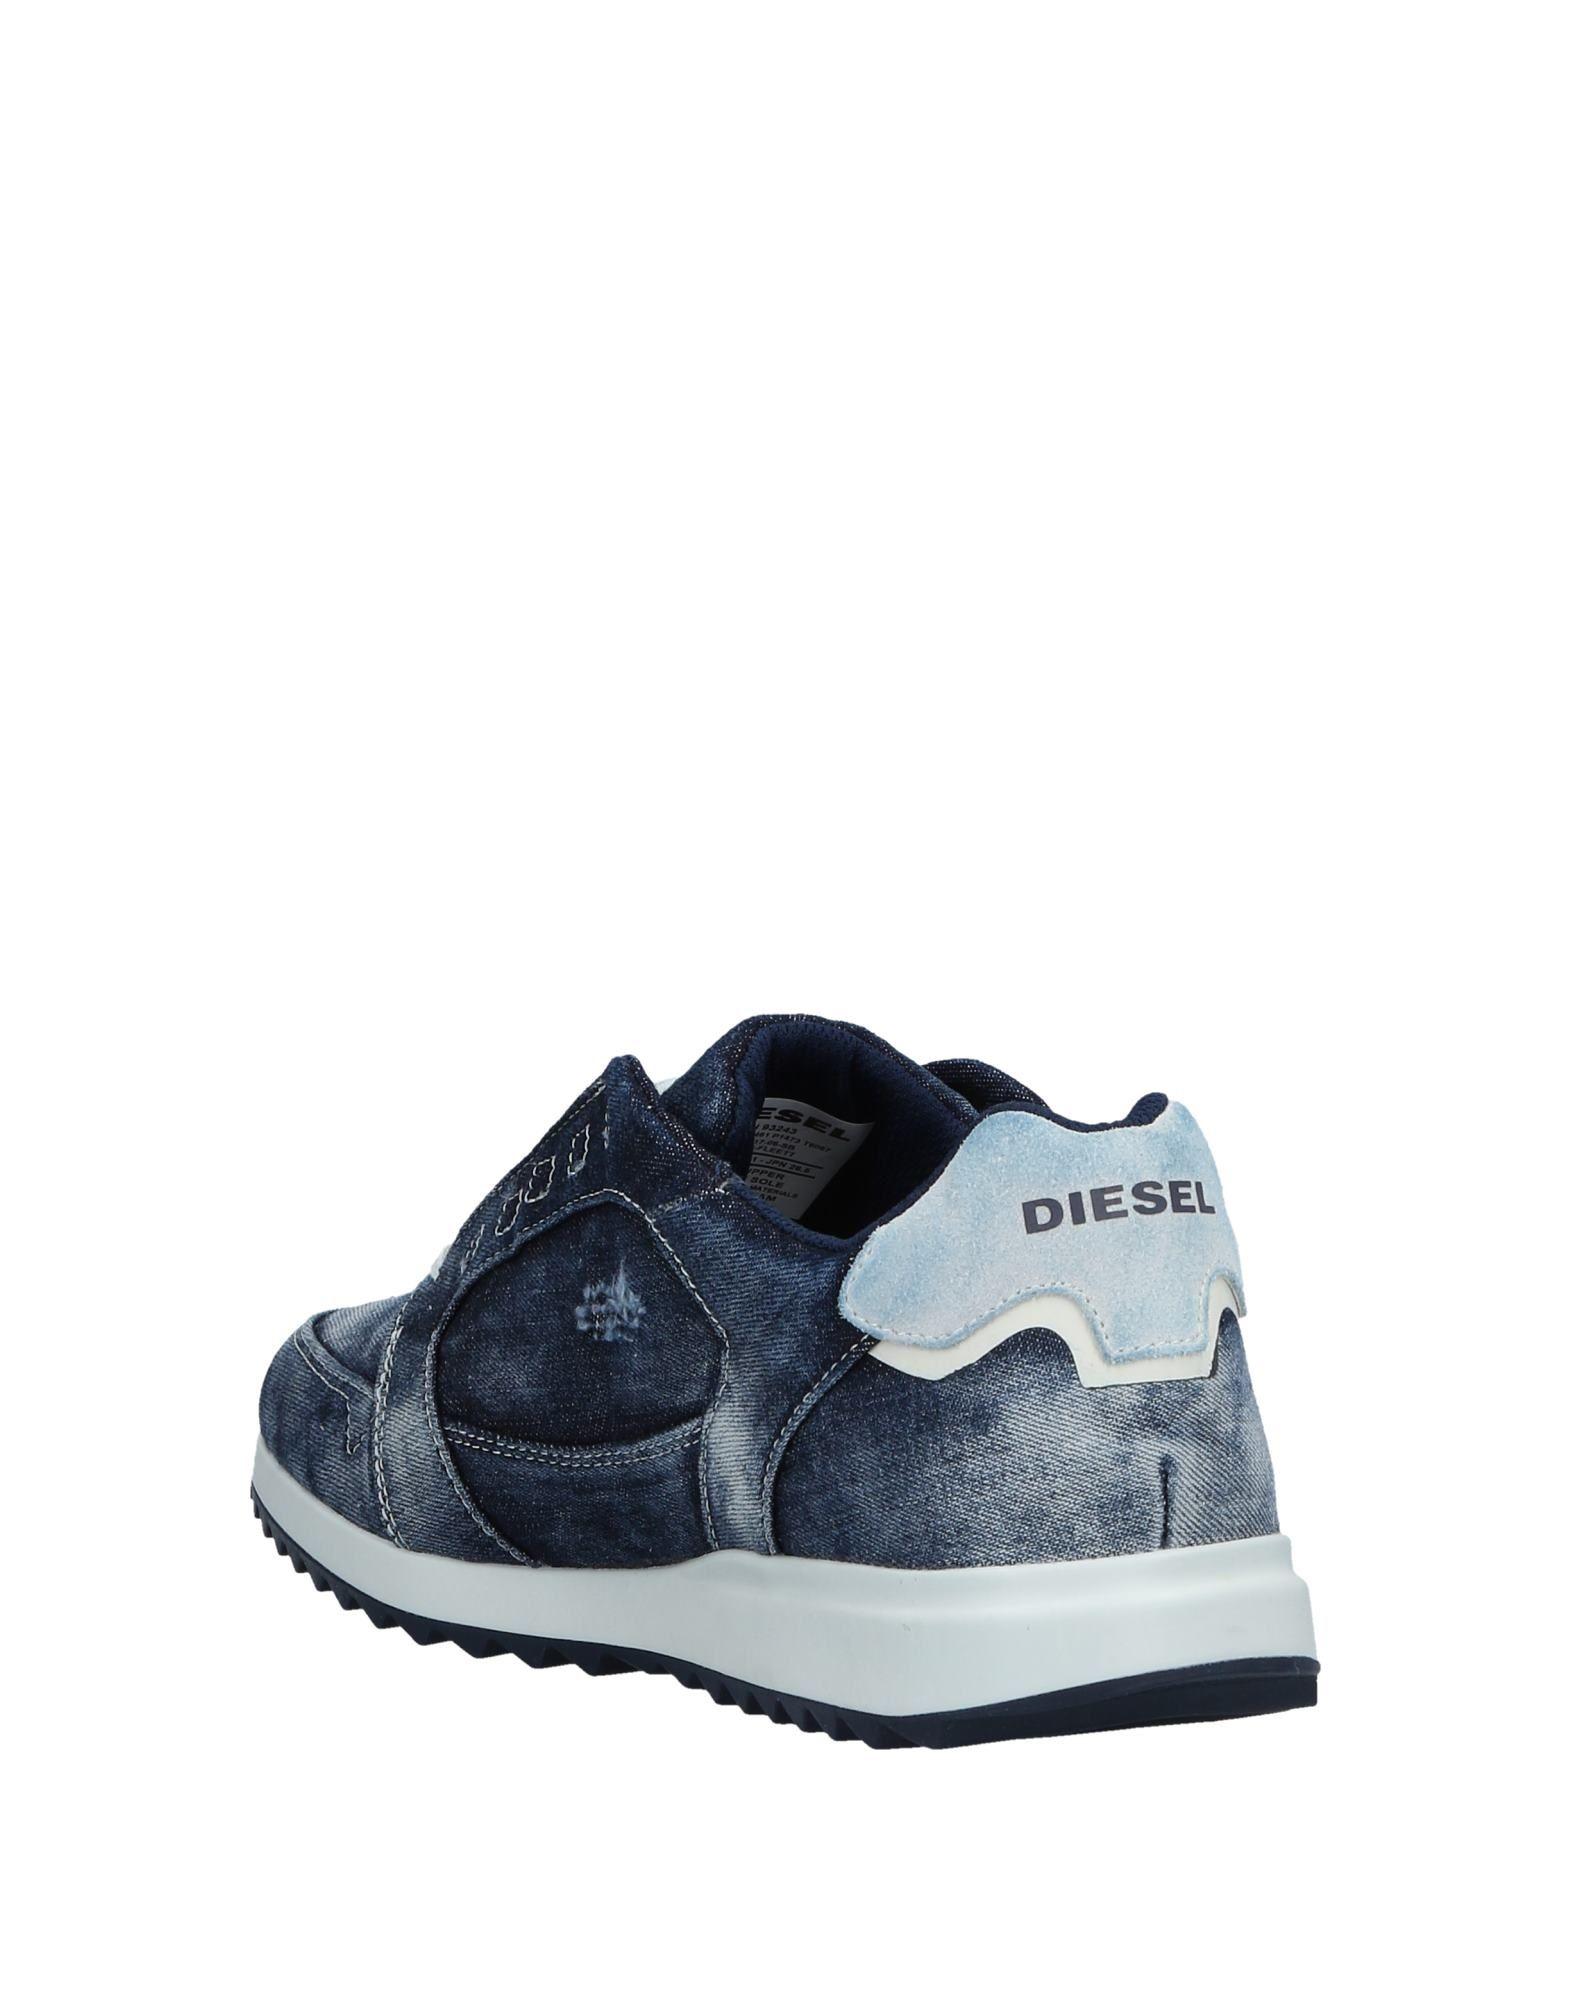 Rabatt Herren echte Schuhe Diesel Sneakers Herren Rabatt  11533760JJ 1db9f6